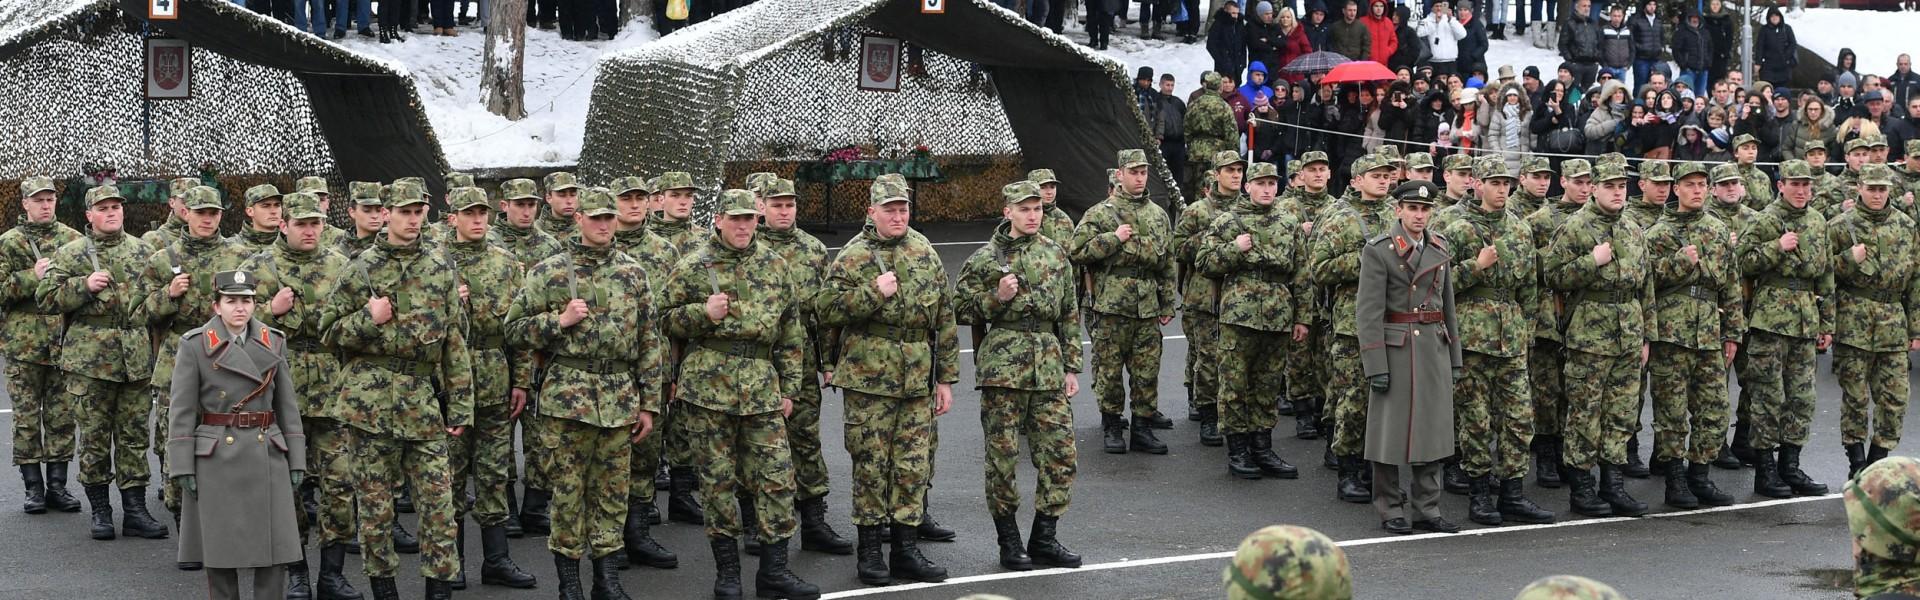 Војници мартовске генерације положили заклетву